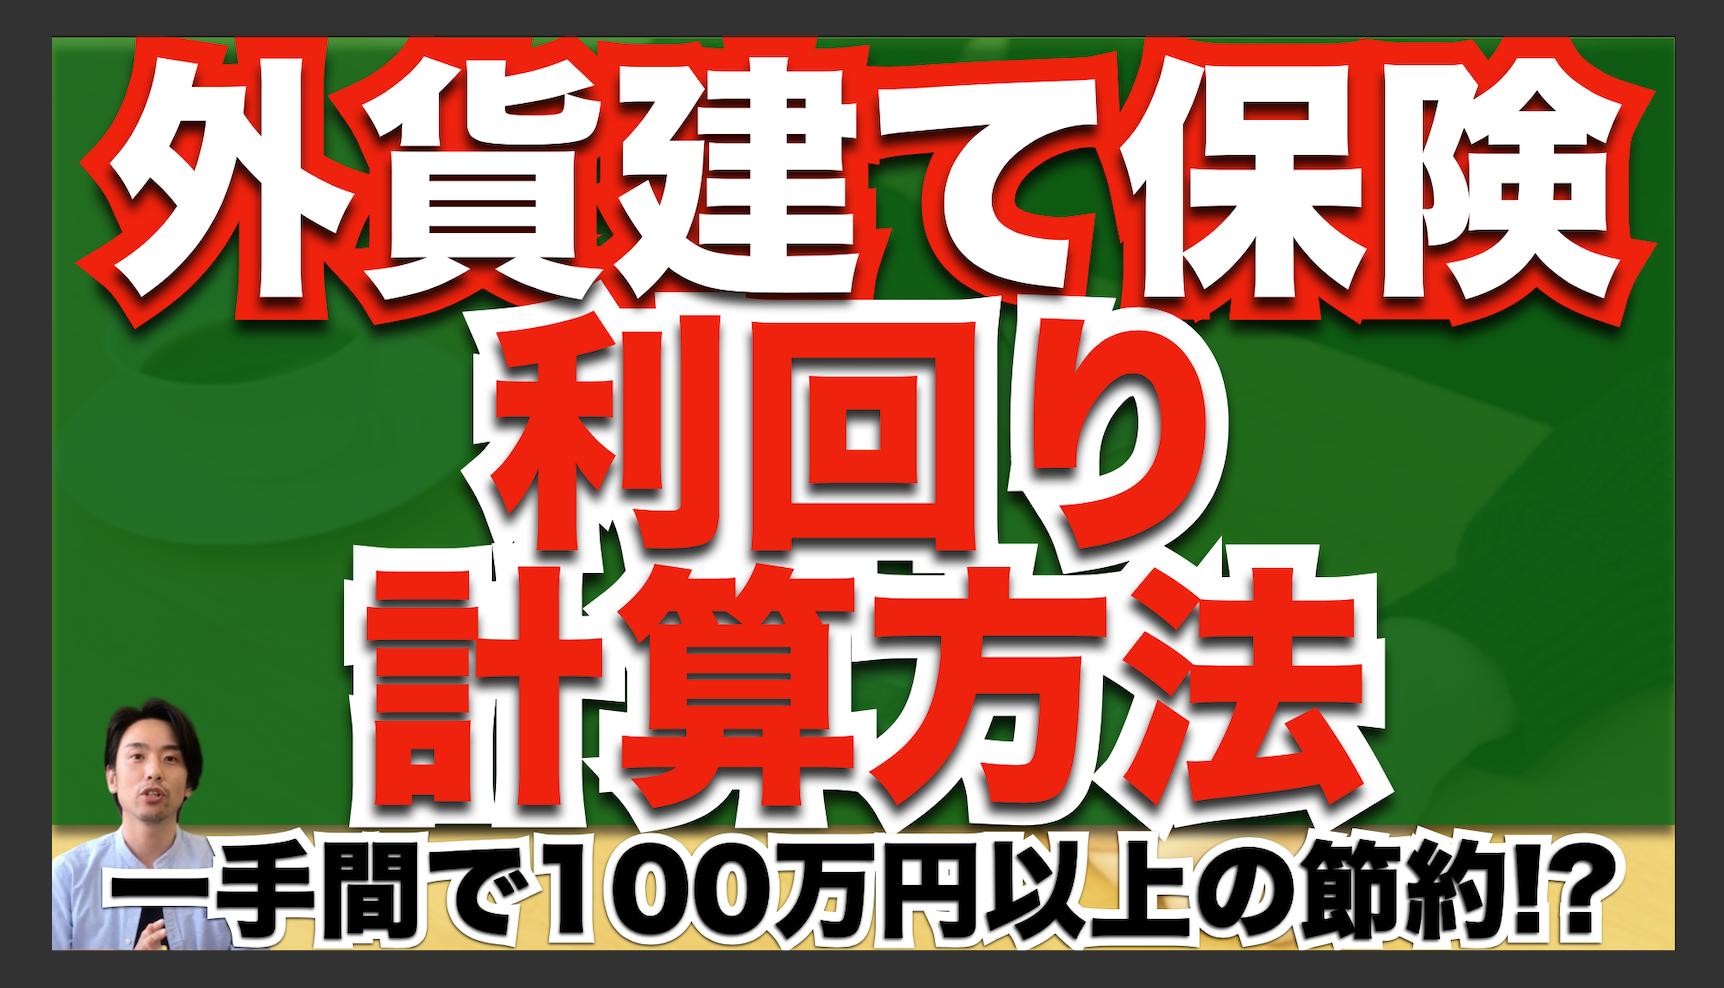 【外貨建て保険】実際の利回りを計算してみたら100万円以上節約できた!